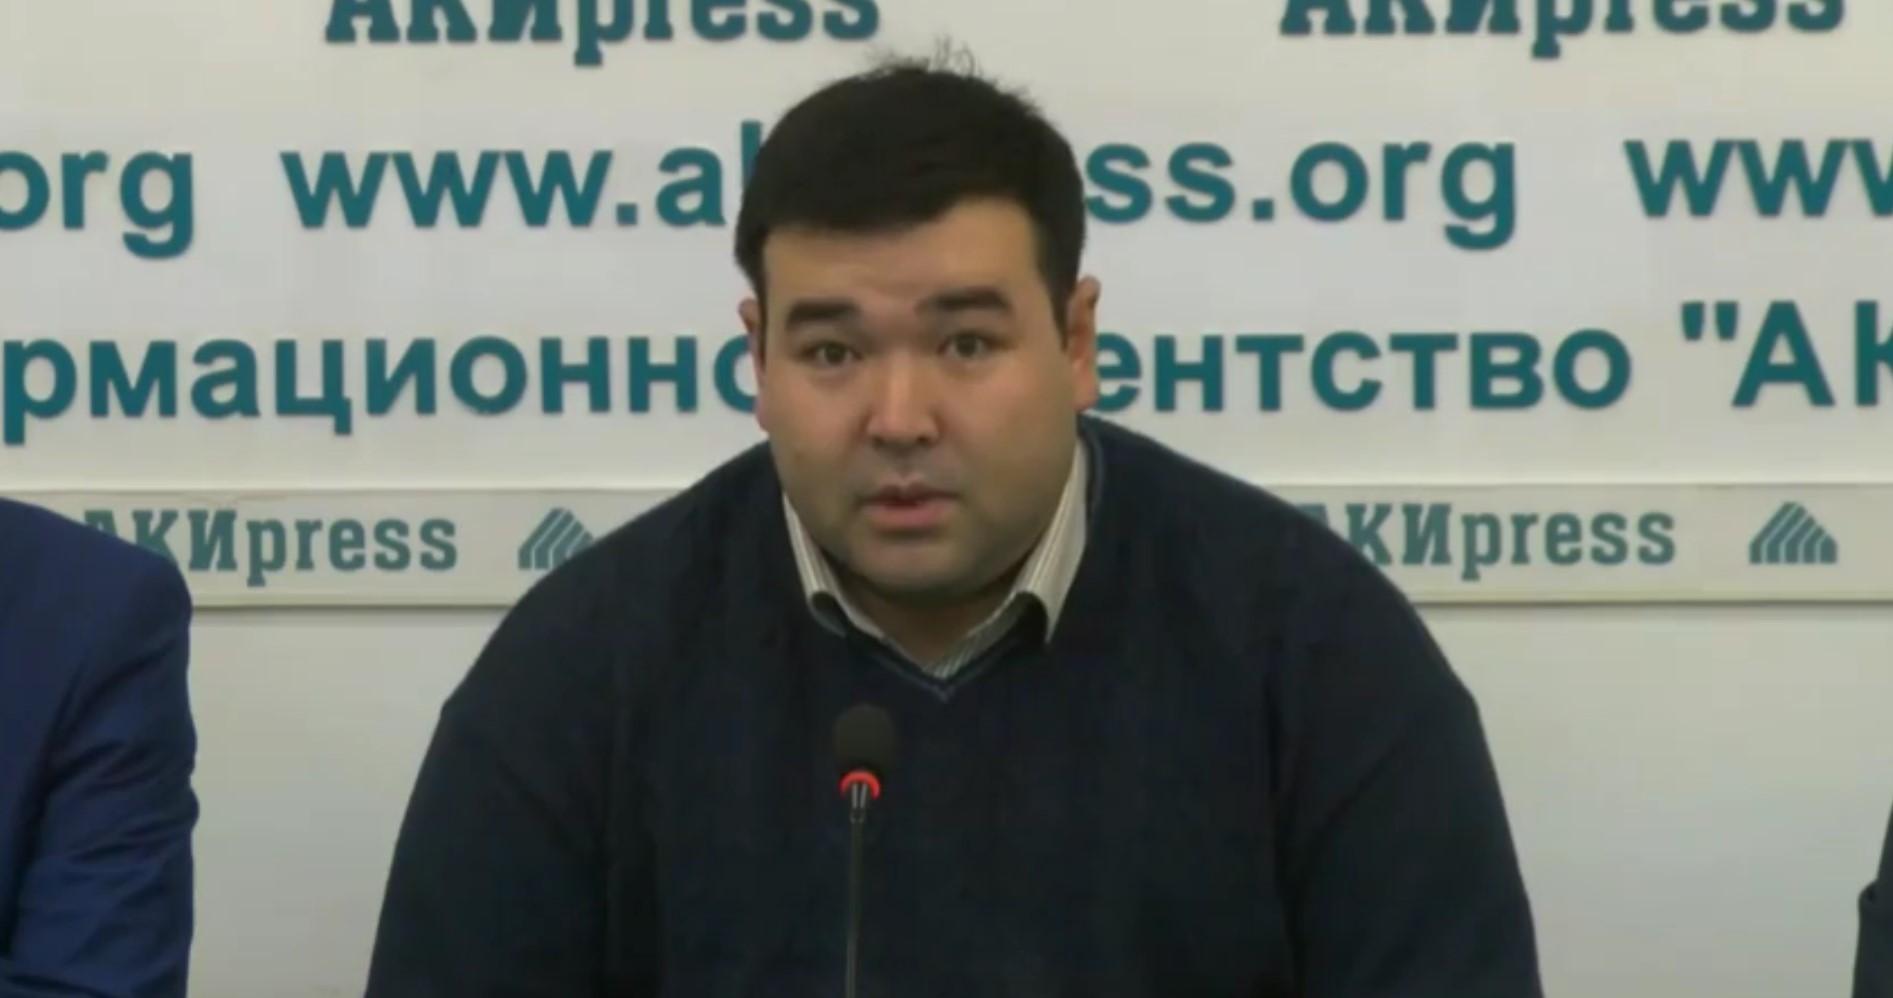 По словам директора Госфильмофонда Урмата Айталиева, на рекламу и продвижение фильма было потрачено около 150 тысяч долларов США.